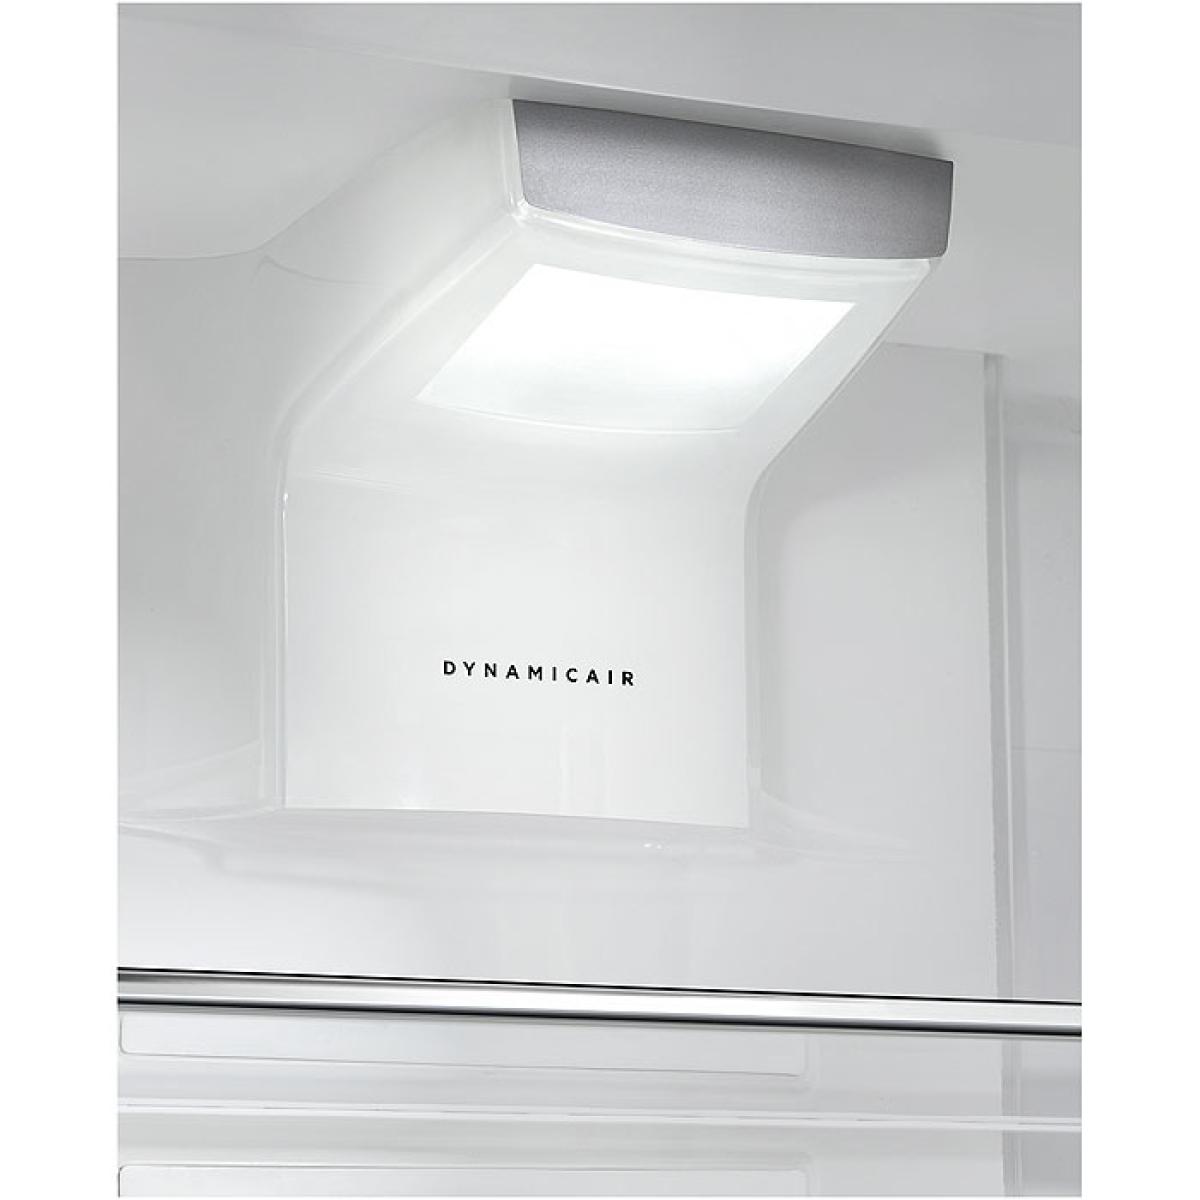 aeg sfe81426zc a einbauk hlschrank mit gefrierfach 140cm nischenh he festt r technik 0 grad. Black Bedroom Furniture Sets. Home Design Ideas